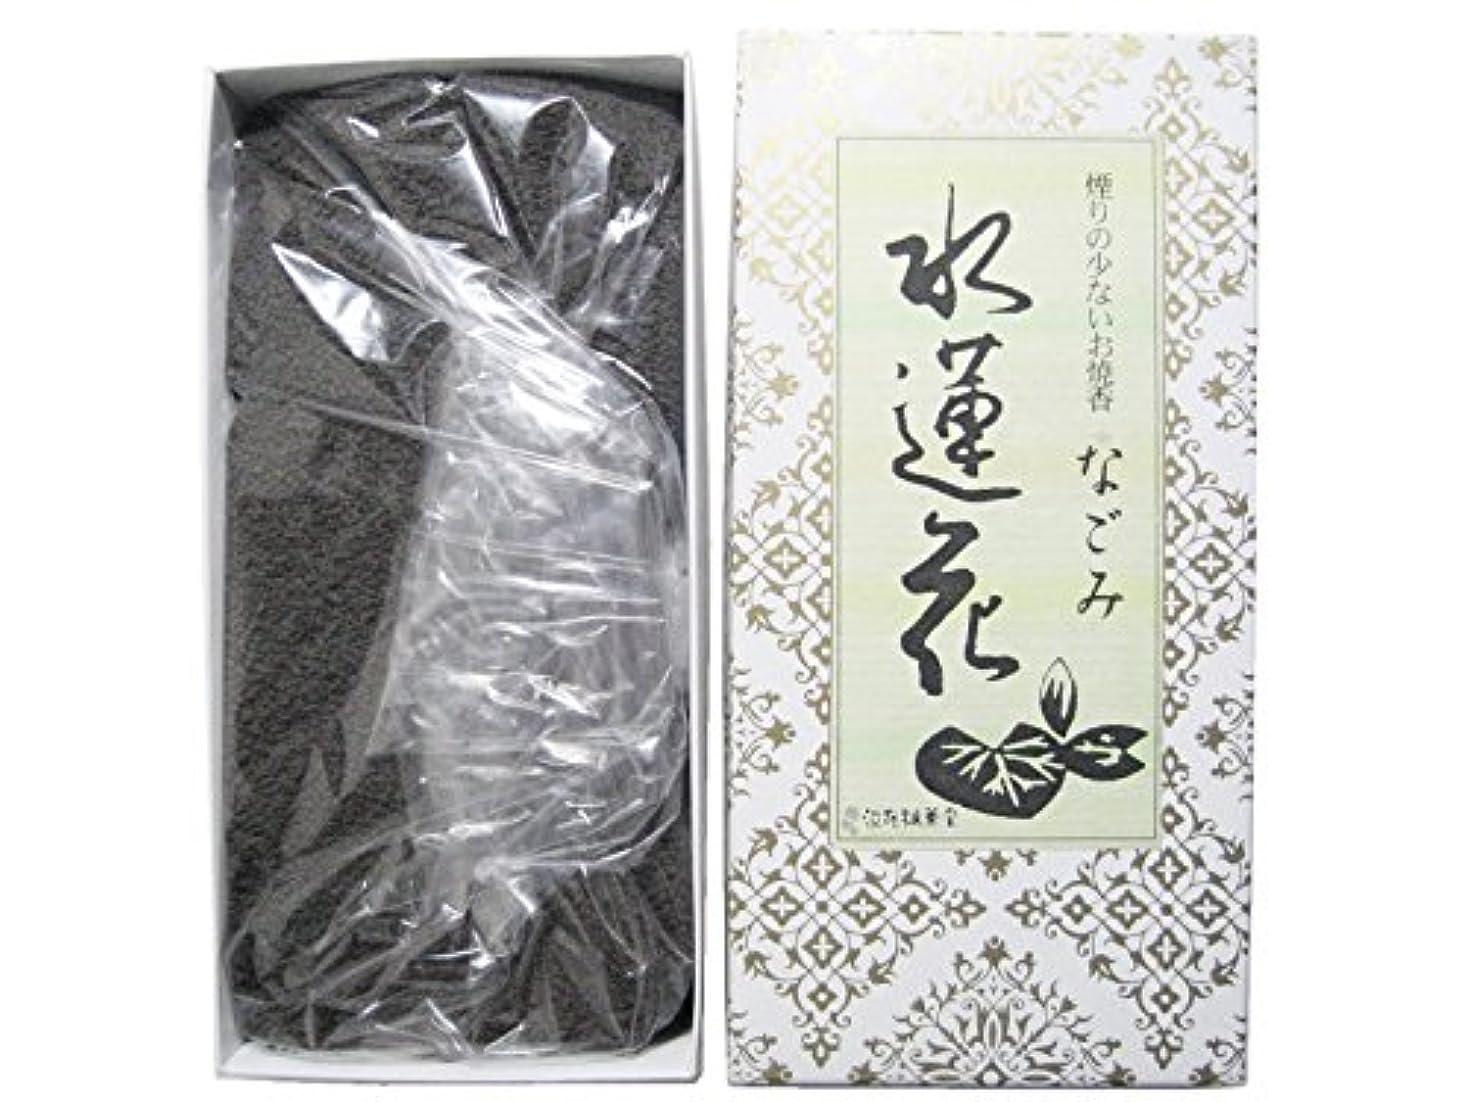 全国同級生ライトニング淡路梅薫堂のお香 煙の少ないお焼香 なごみ 水蓮花 500g×30箱 #931